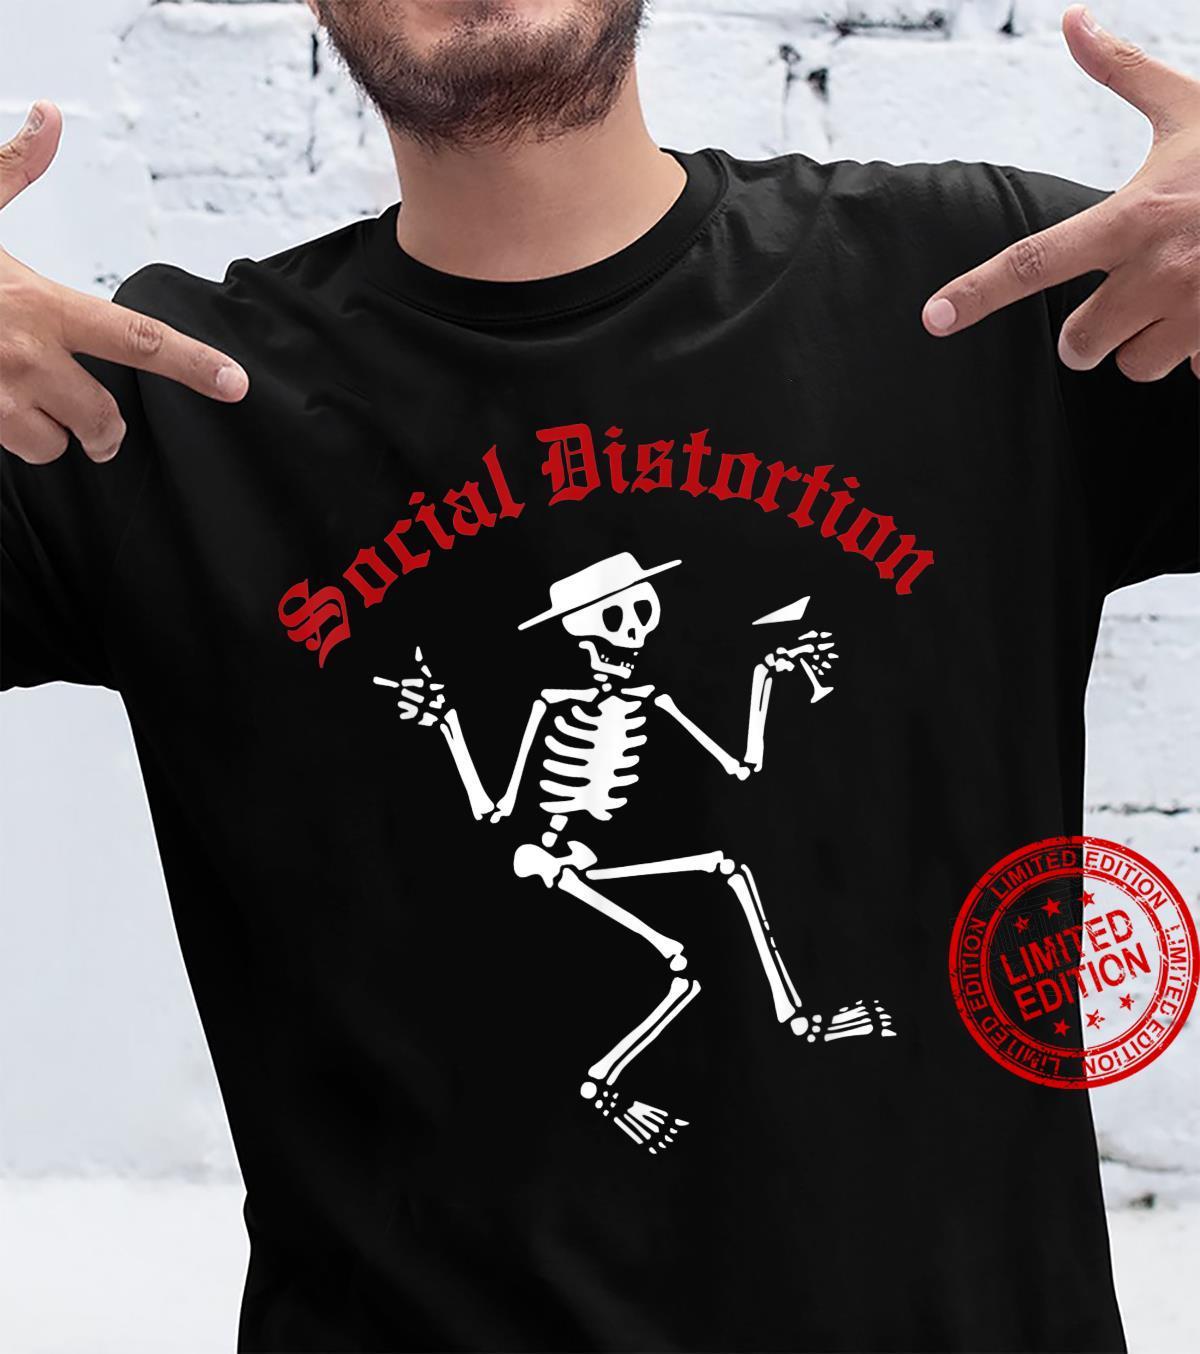 Socials D Shirt